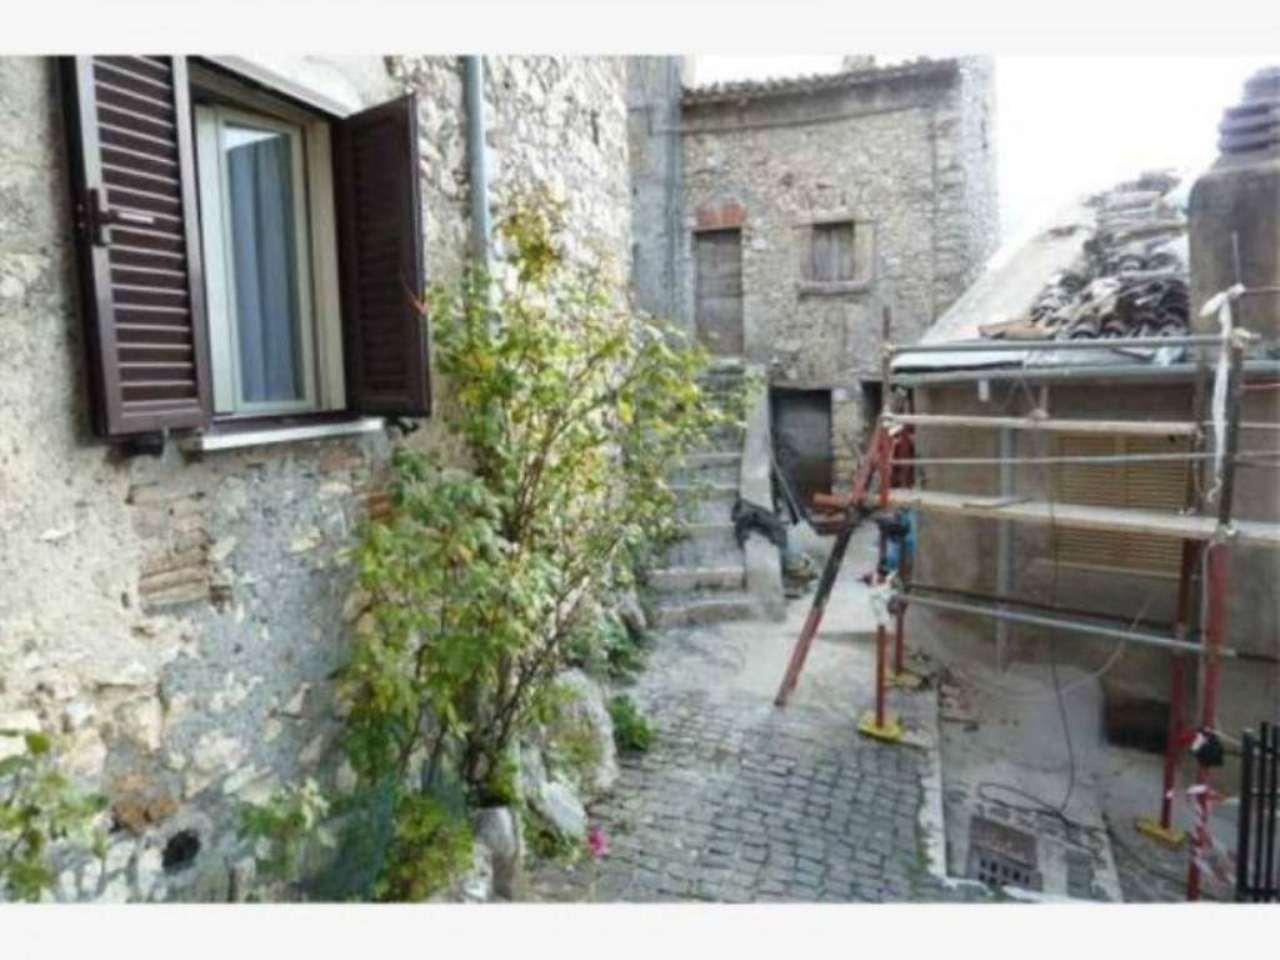 Appartamento in vendita a Pereto, 4 locali, prezzo € 52.000 | Cambio Casa.it